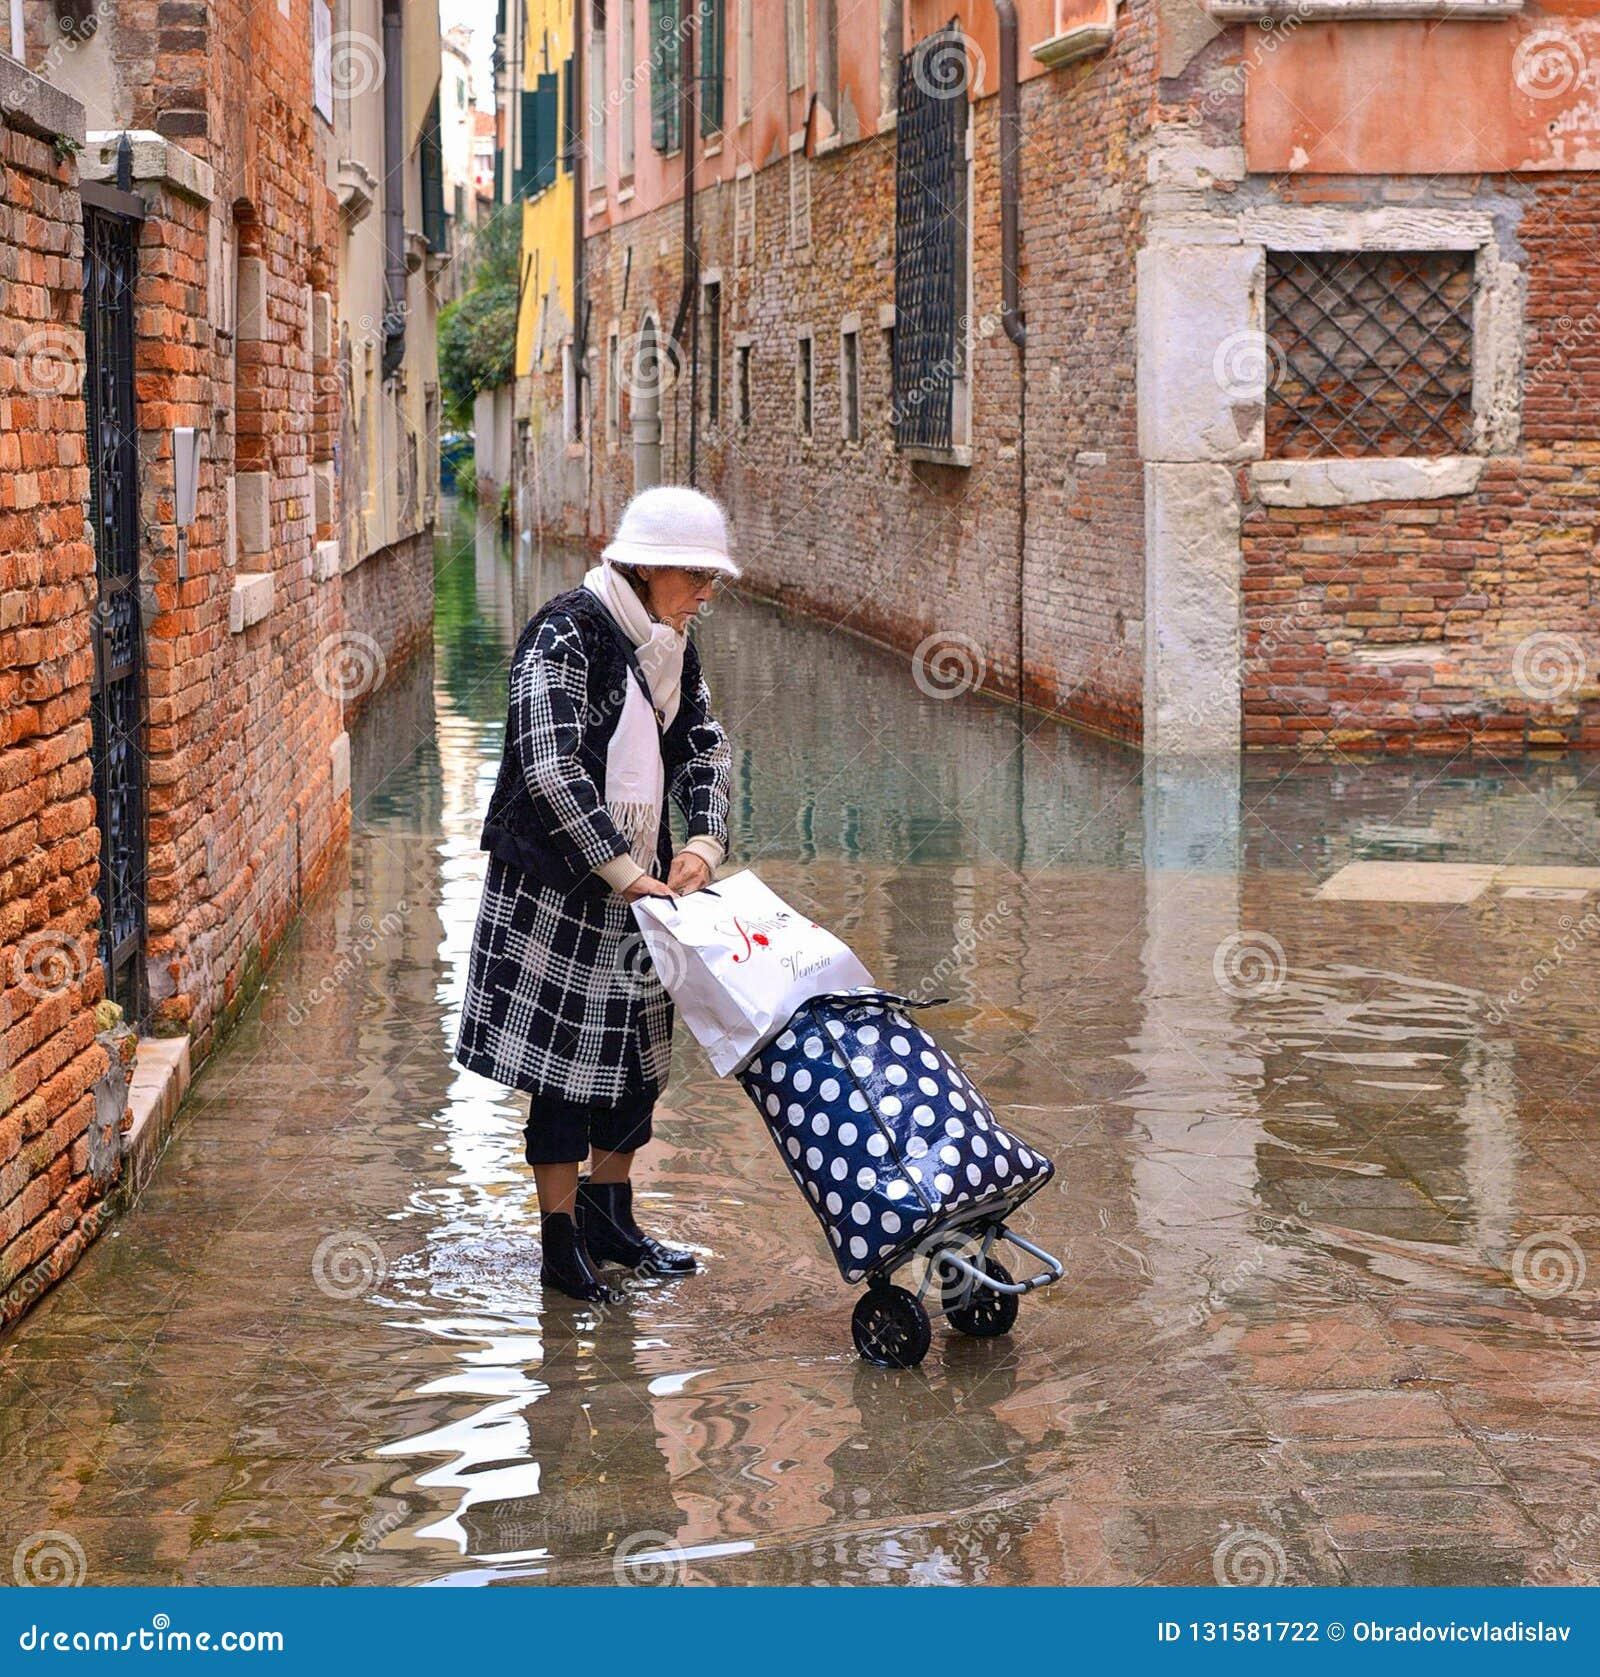 Trandy modna dojrzała kobieta z getrami, butami i walizką przy przypływem w starym przesmyku, zalewał ulicę